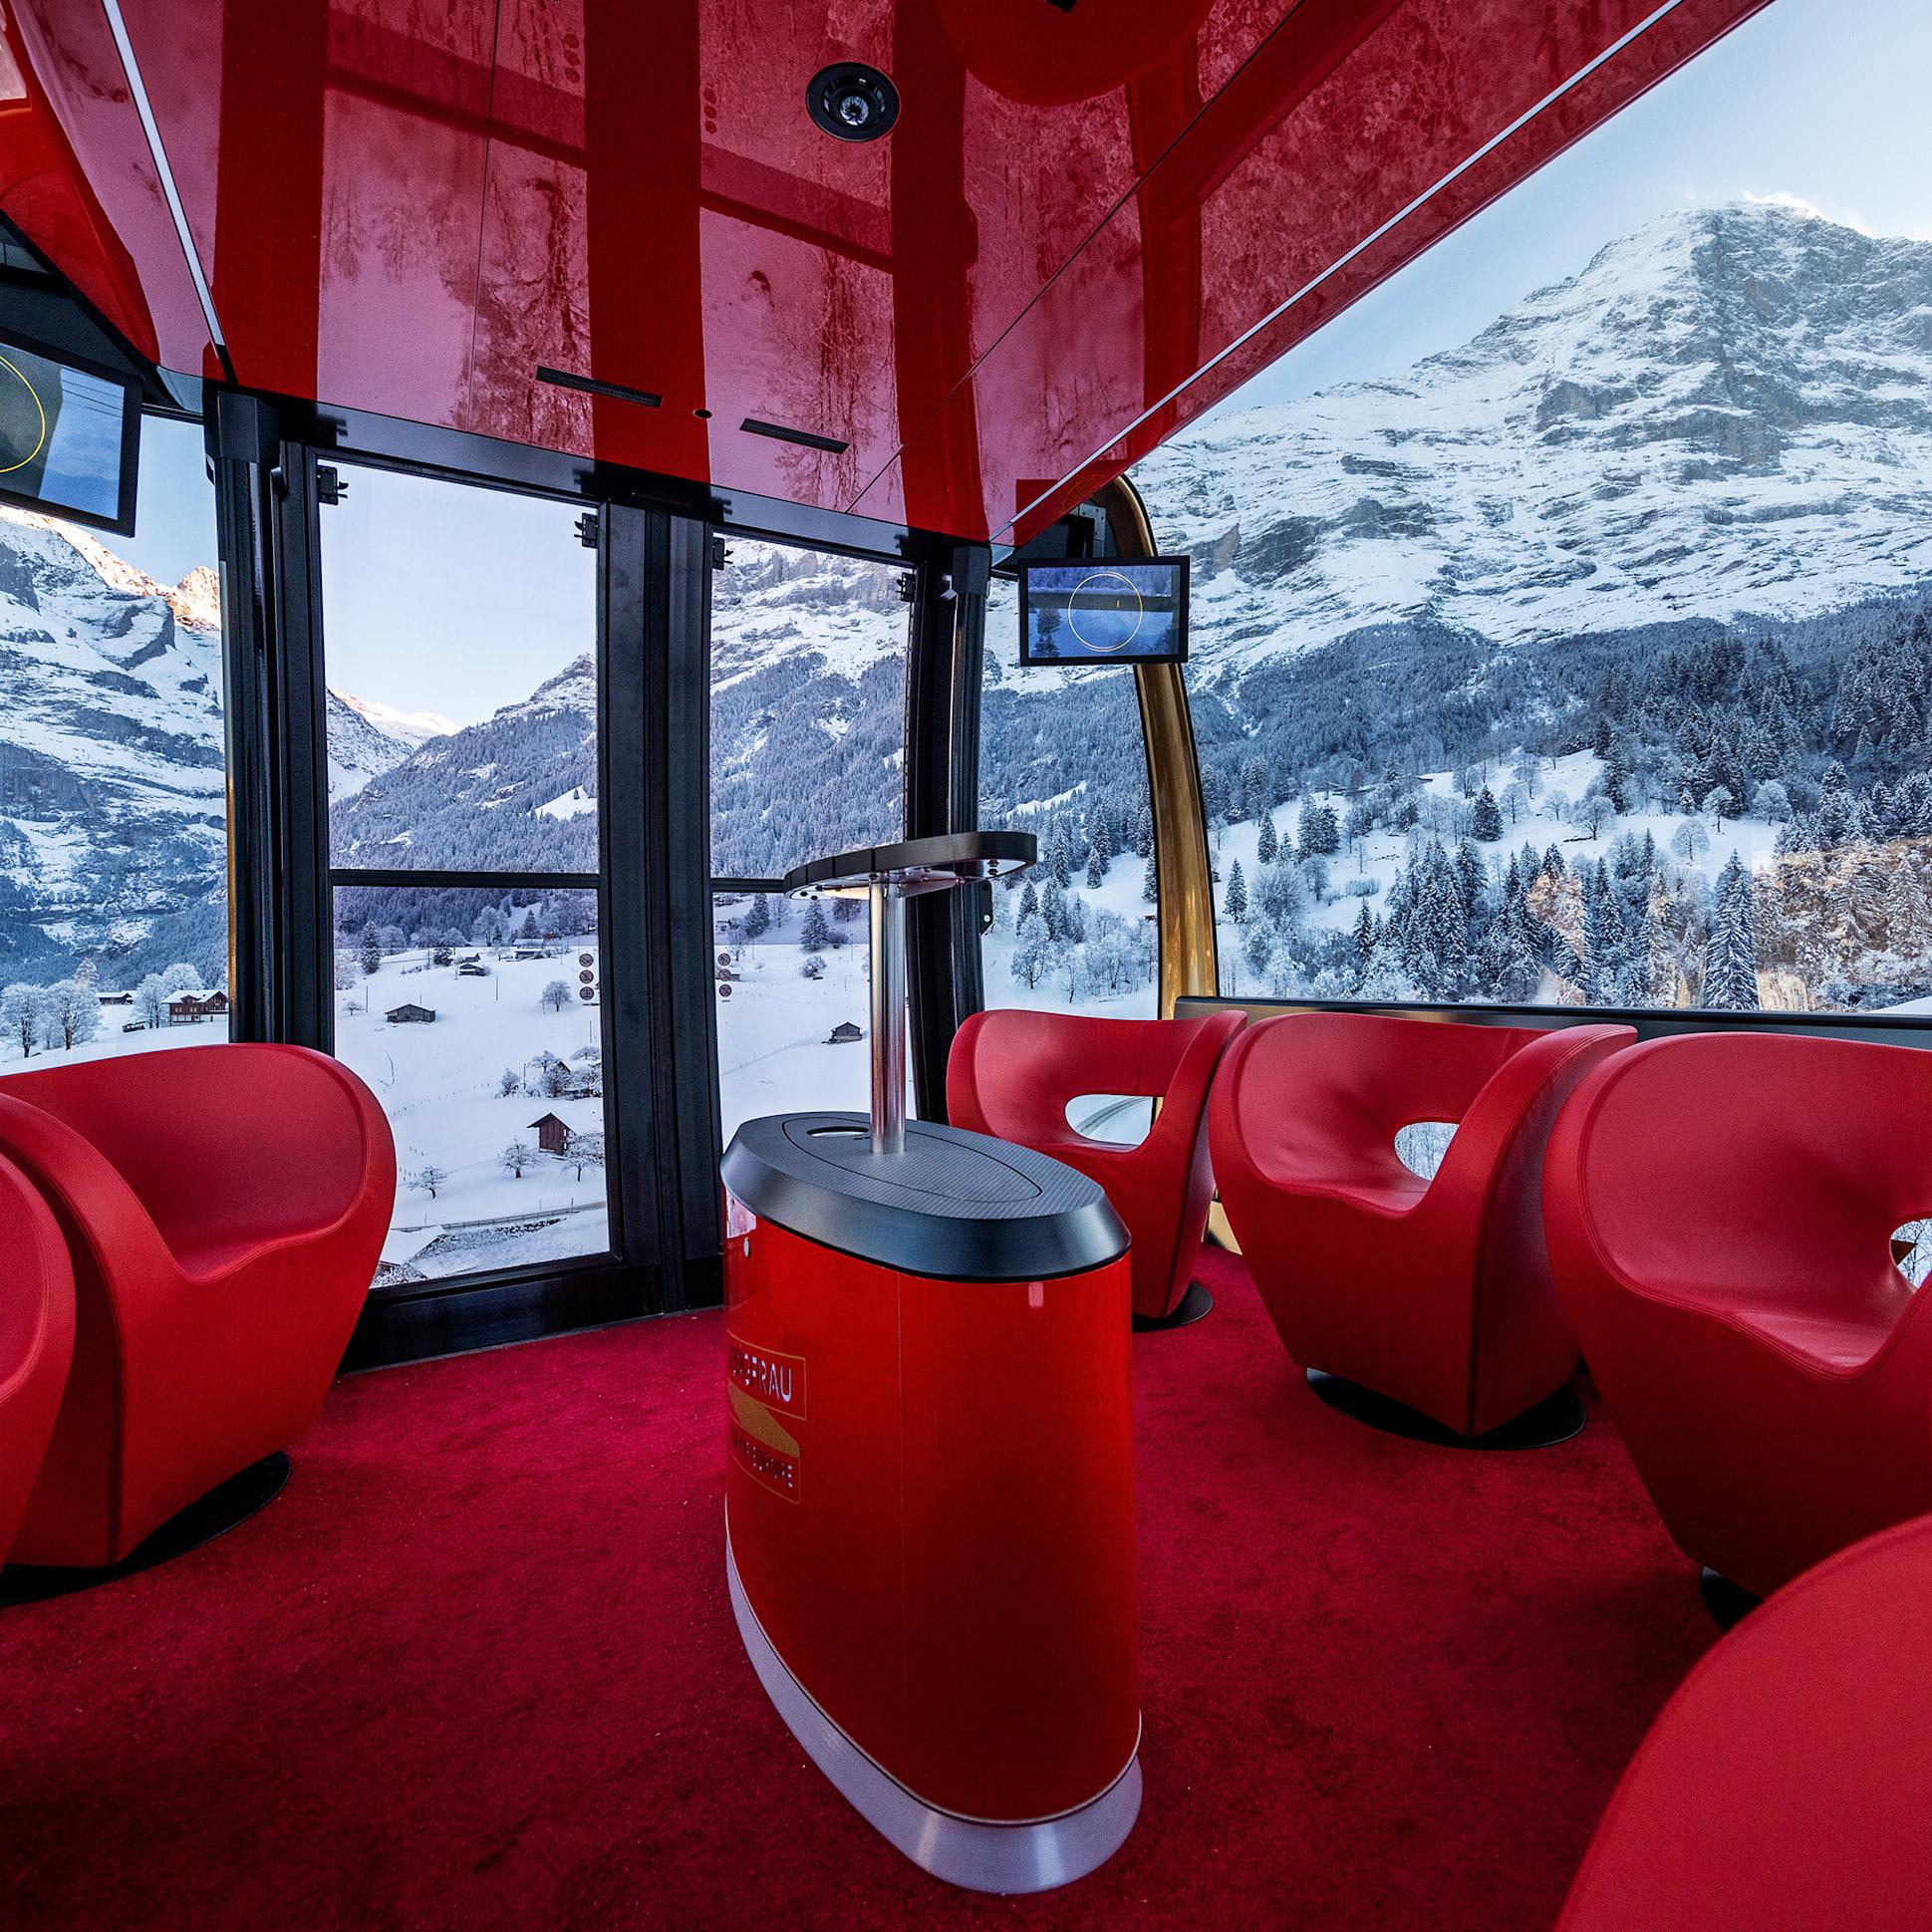 V-Cableway gondola